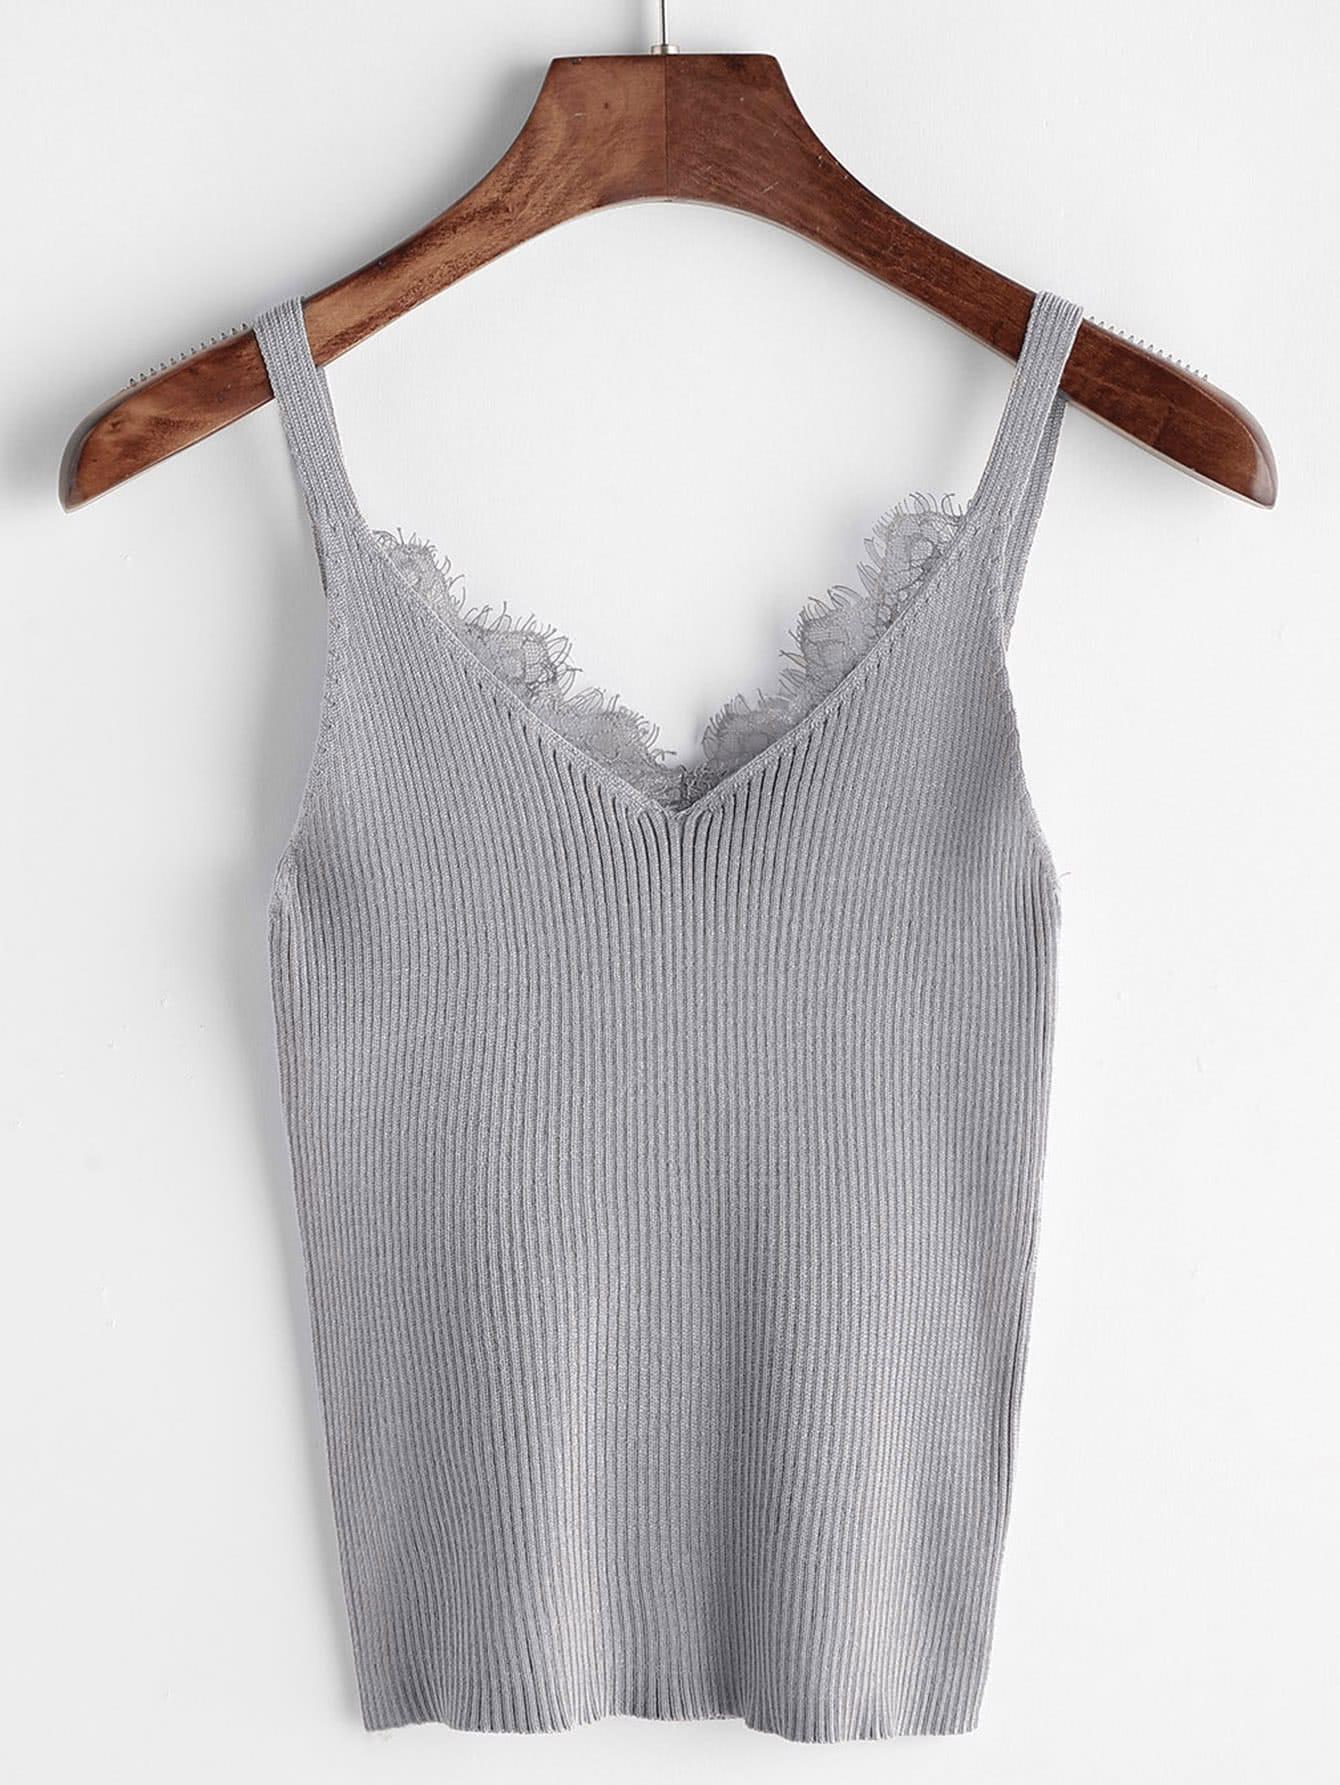 Eyelash Lace Trim Knit Top vest170516102